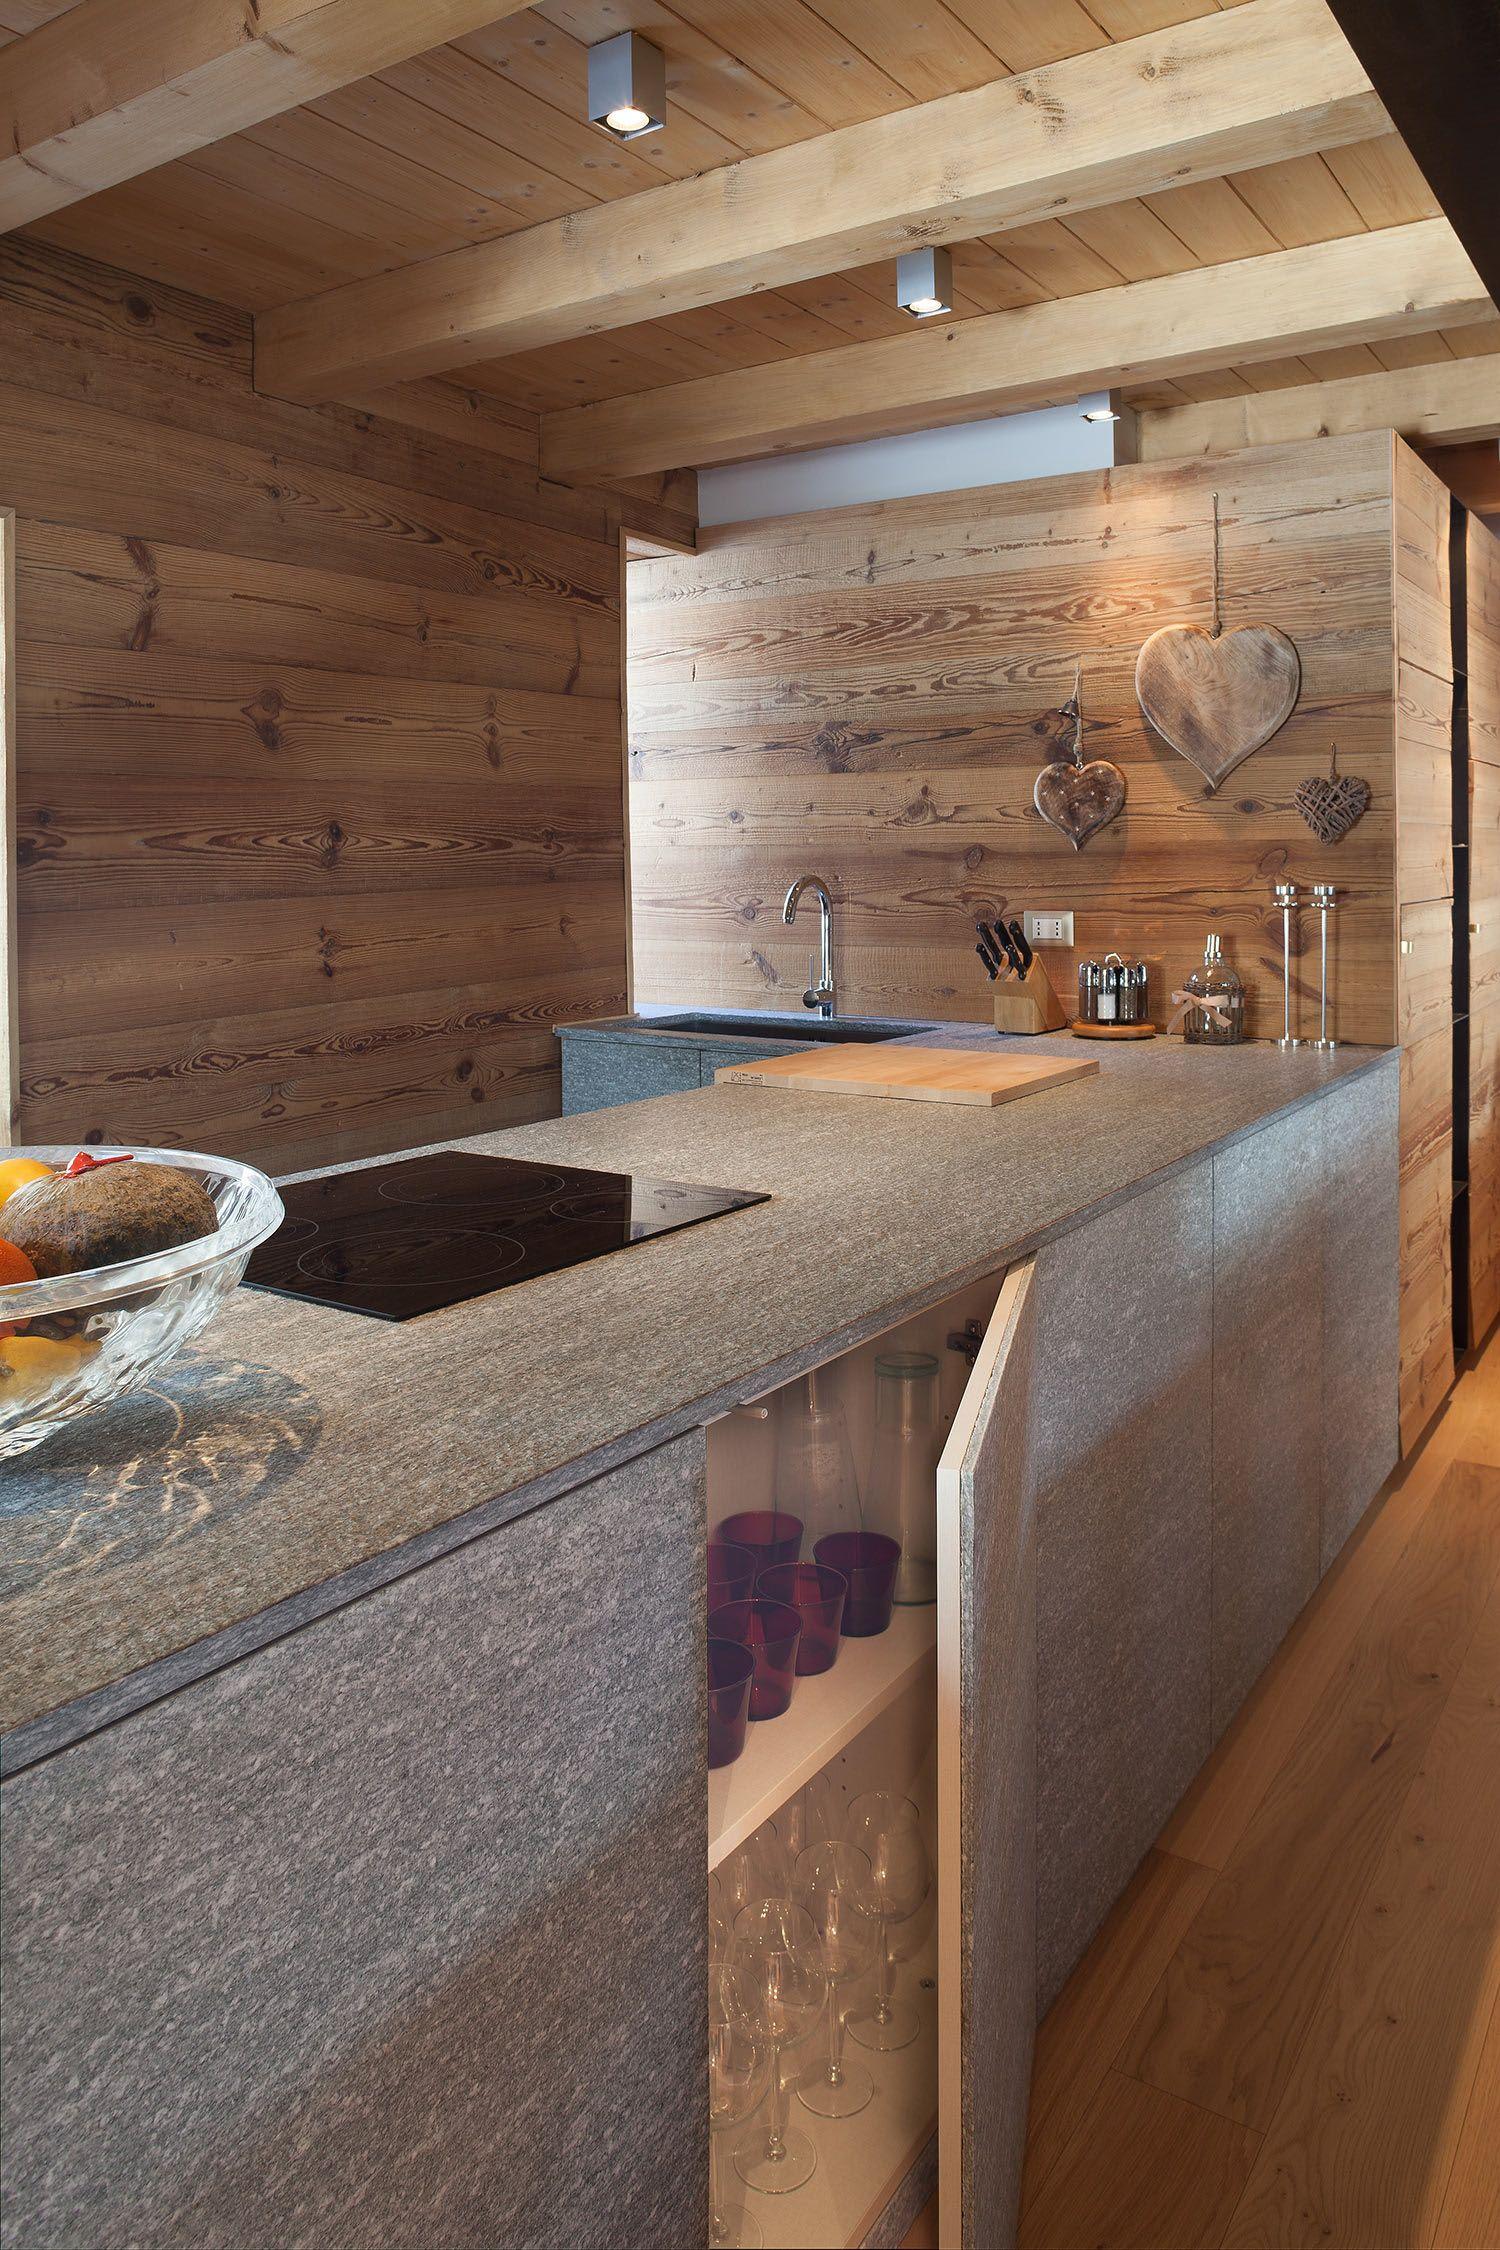 Cucine Per Chalet Di Montagna uno chalet di design (con immagini) | interni di case in